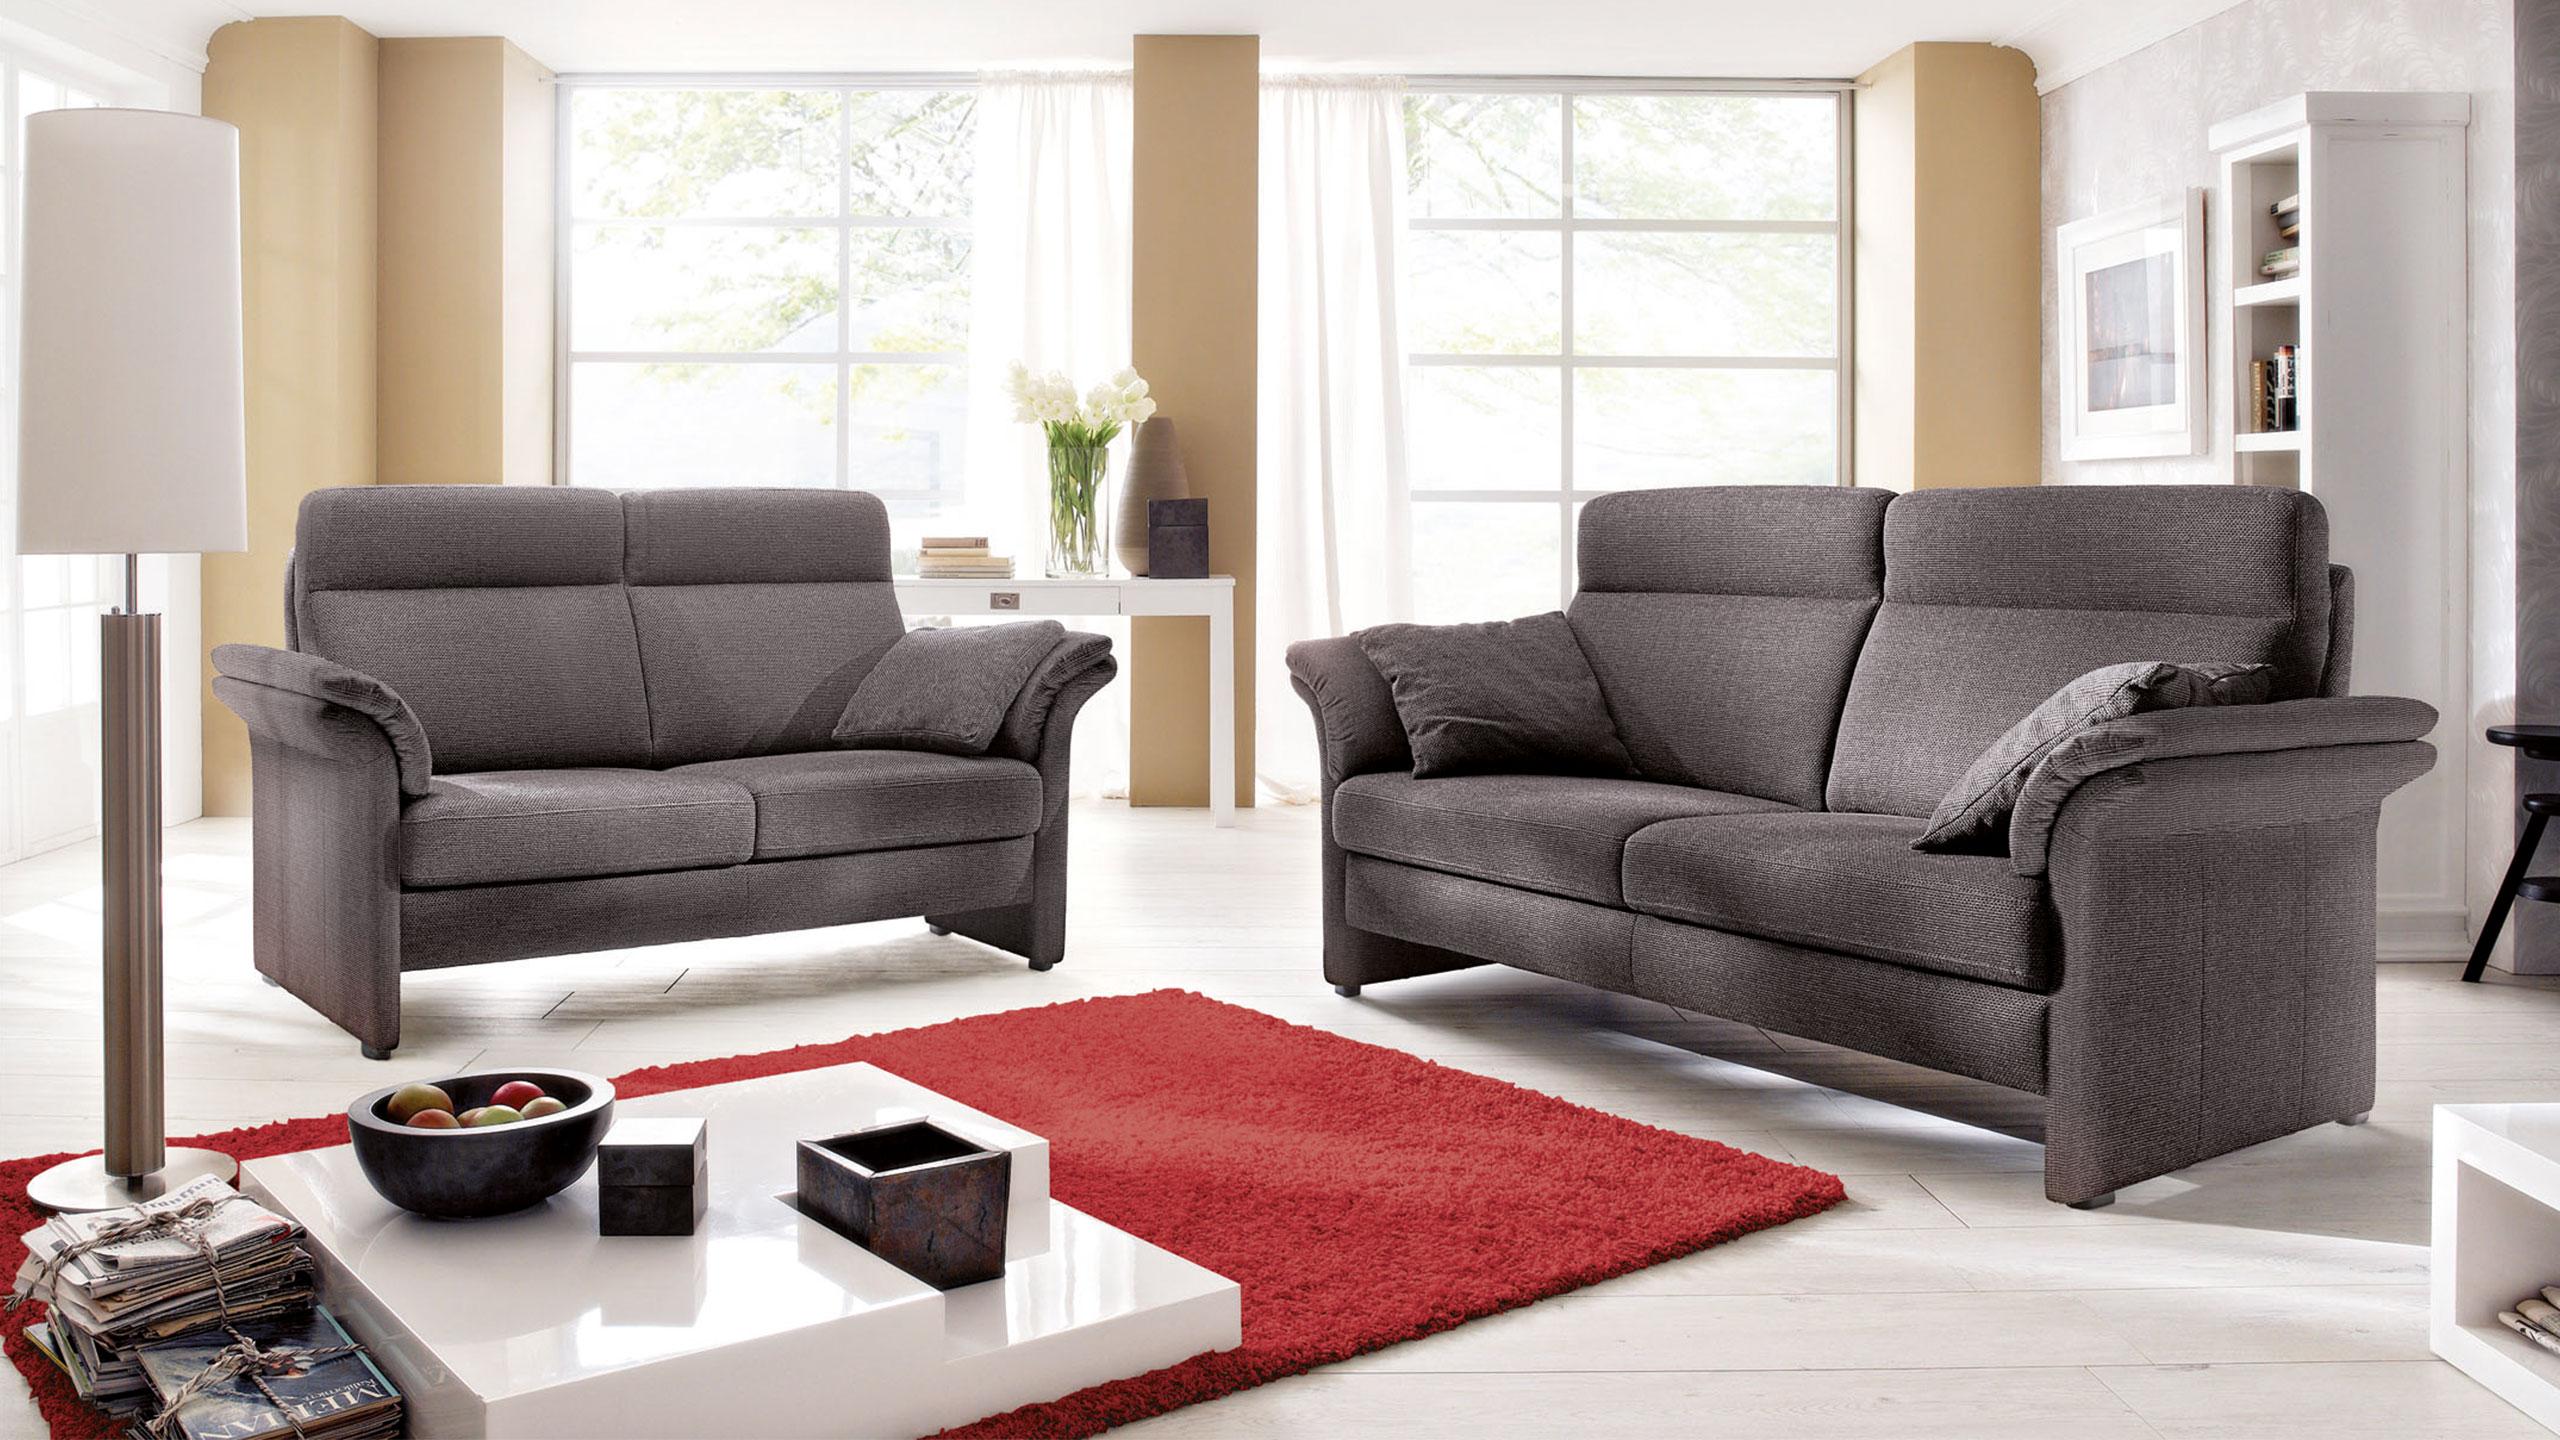 Full Size of Chesterfield Sofa Stoff Grau Couch Reinigen Graues Sofas Big Ikea Kaufen Grauer Grober Schlaffunktion Gebraucht Meliert 3er Malaga Multipolster Hussen Für Sofa Sofa Stoff Grau